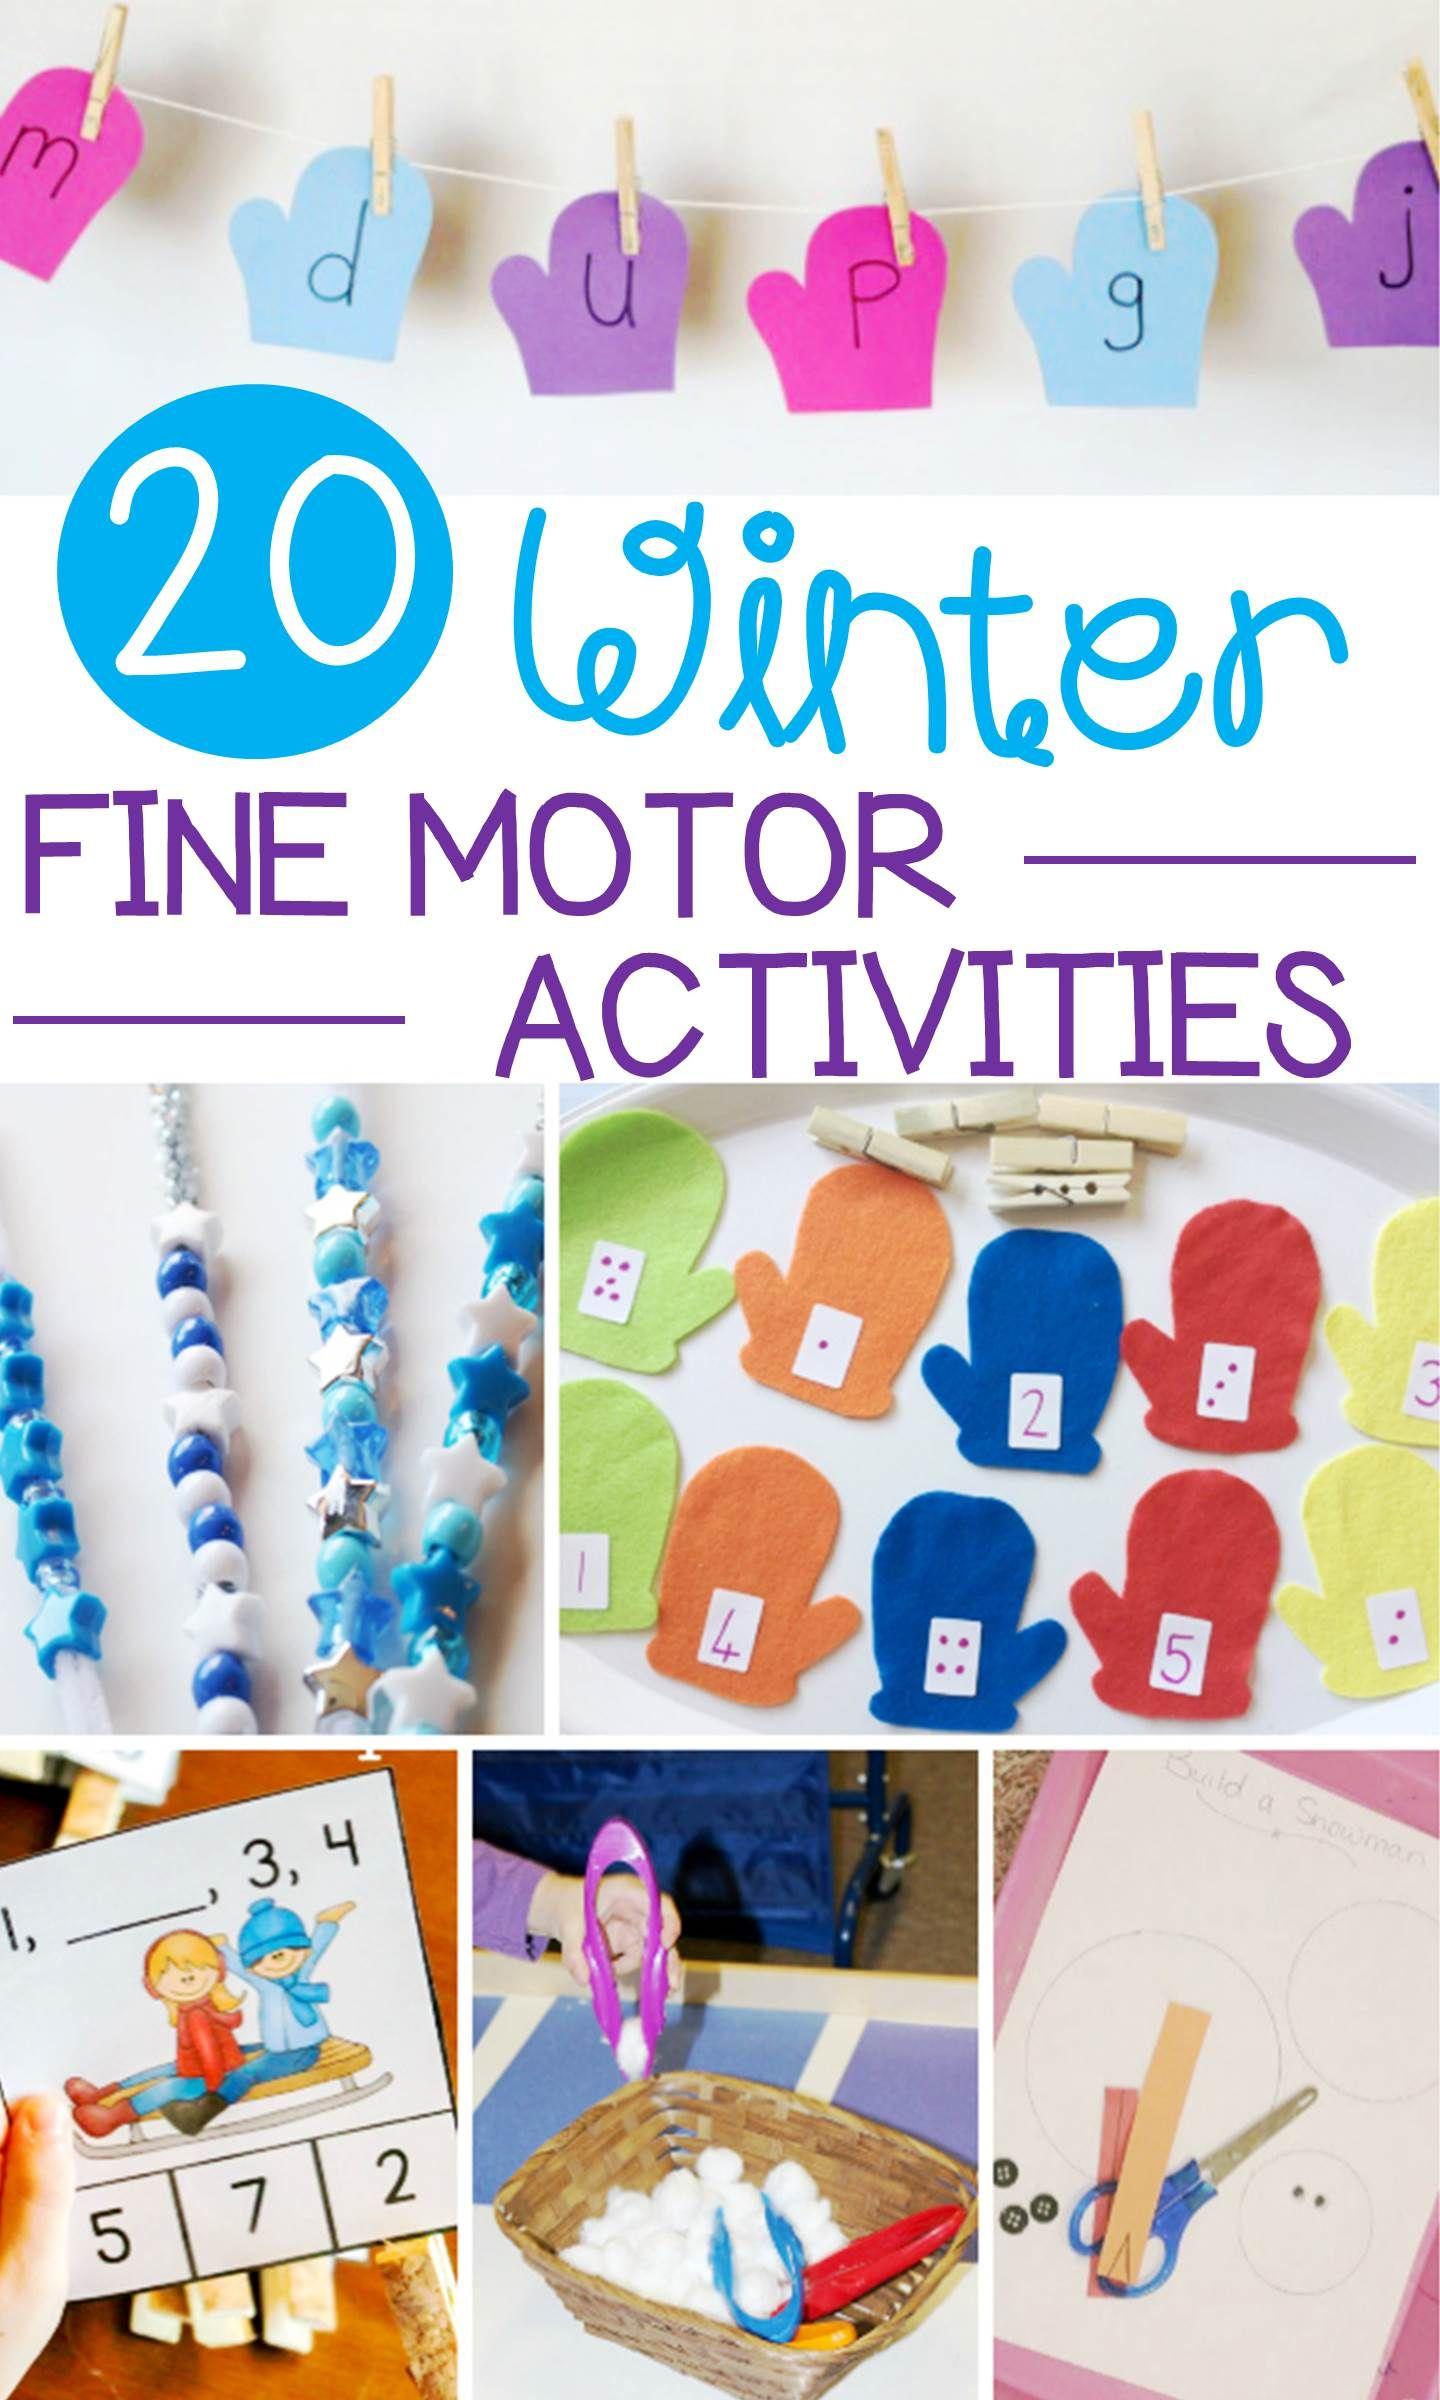 Gross Motor Activities for Preschoolers - Verywell Family